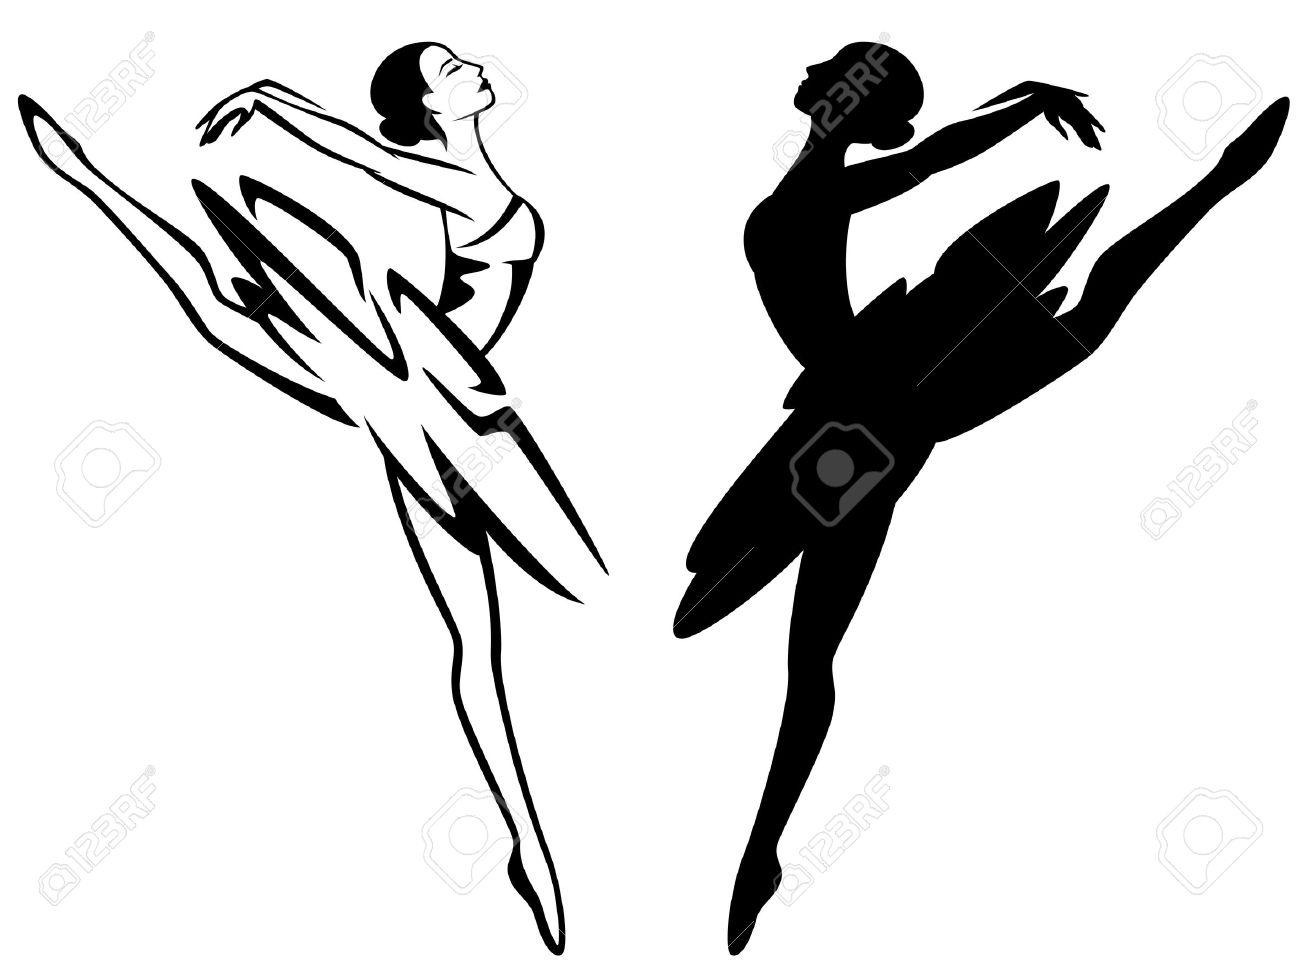 99d3f0f7b883 Ballet Dancer Girl - Black And White Ballerina Outline And Vector ...